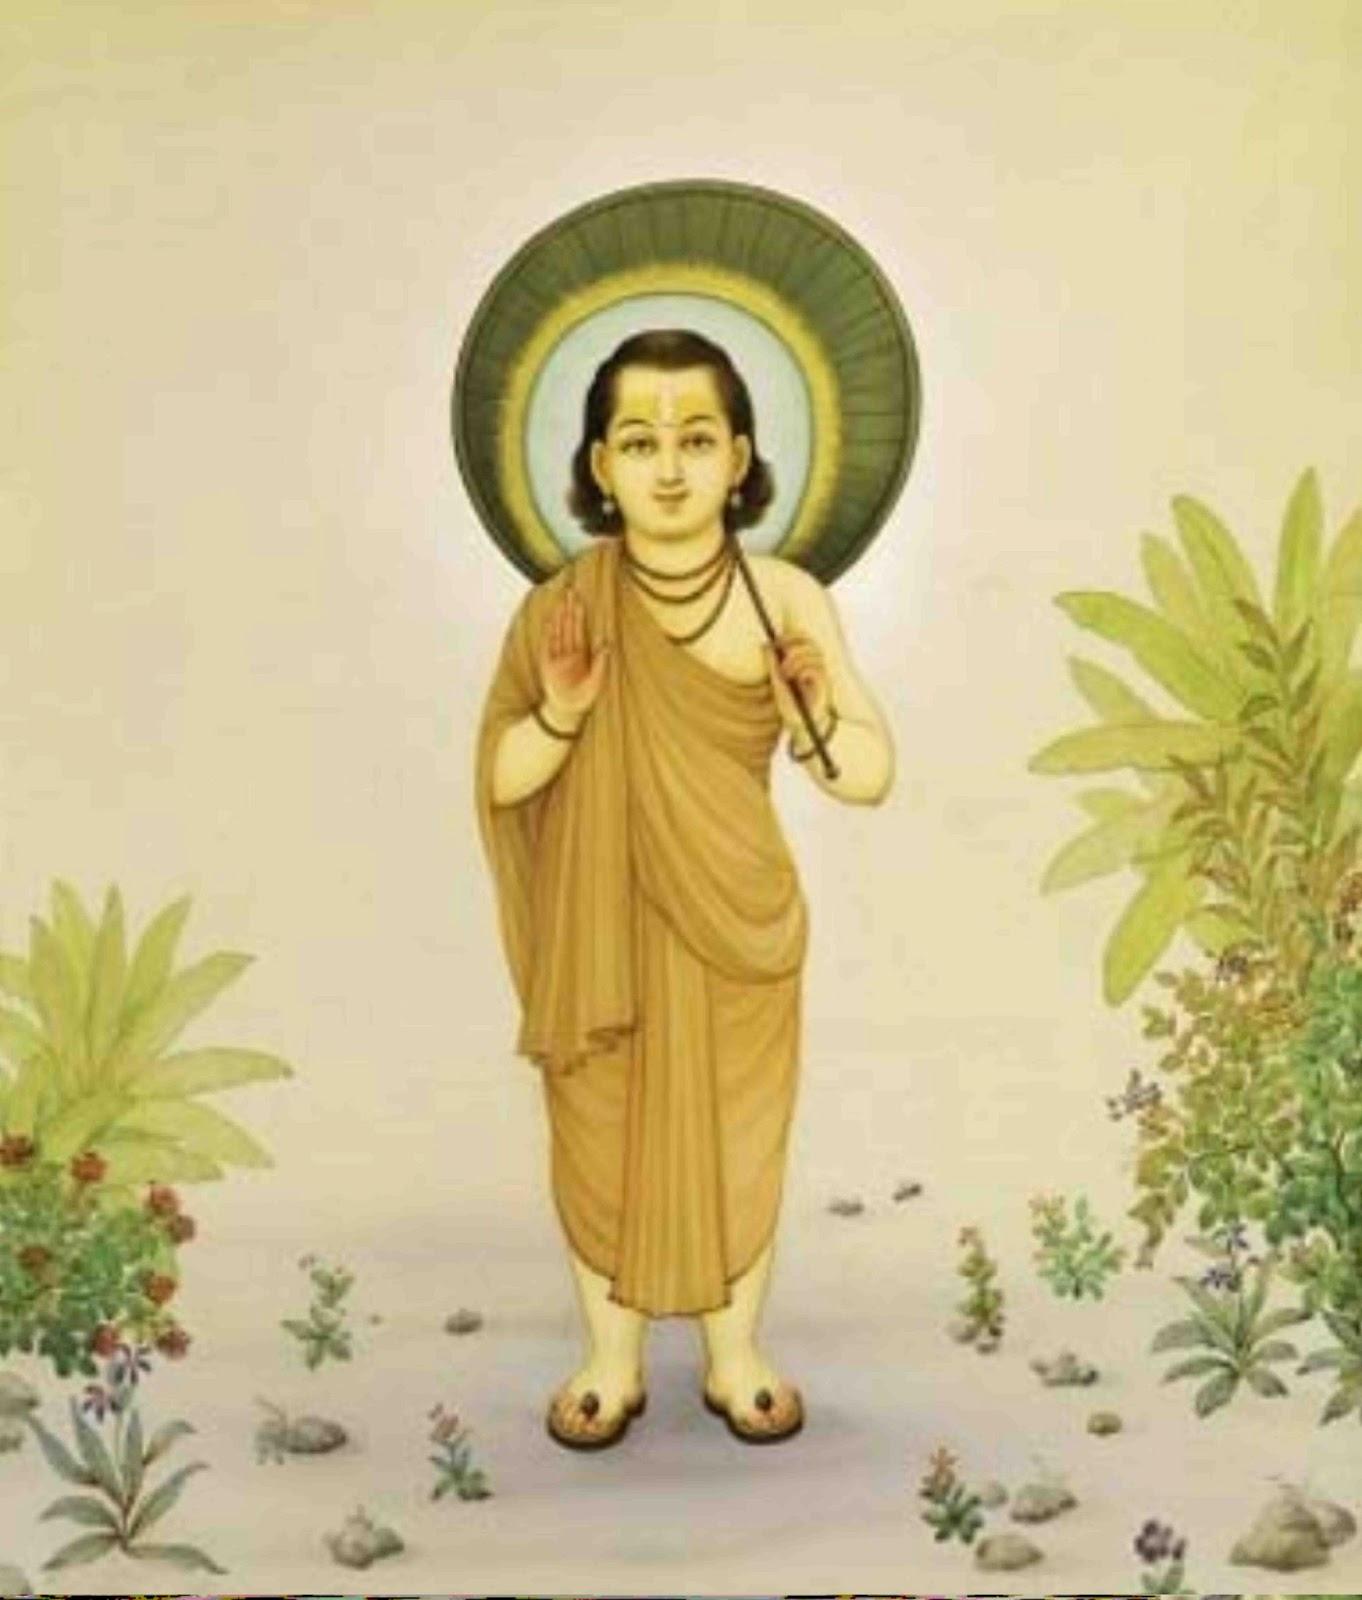 Vaman avatar-vaman avatar-wamana avatara-lord buddha-visanu avatar-10th avatar-dasa avatar-24 avatar-shree hari avatar-budha-buddha bhagavan-india-hindu-god-gods